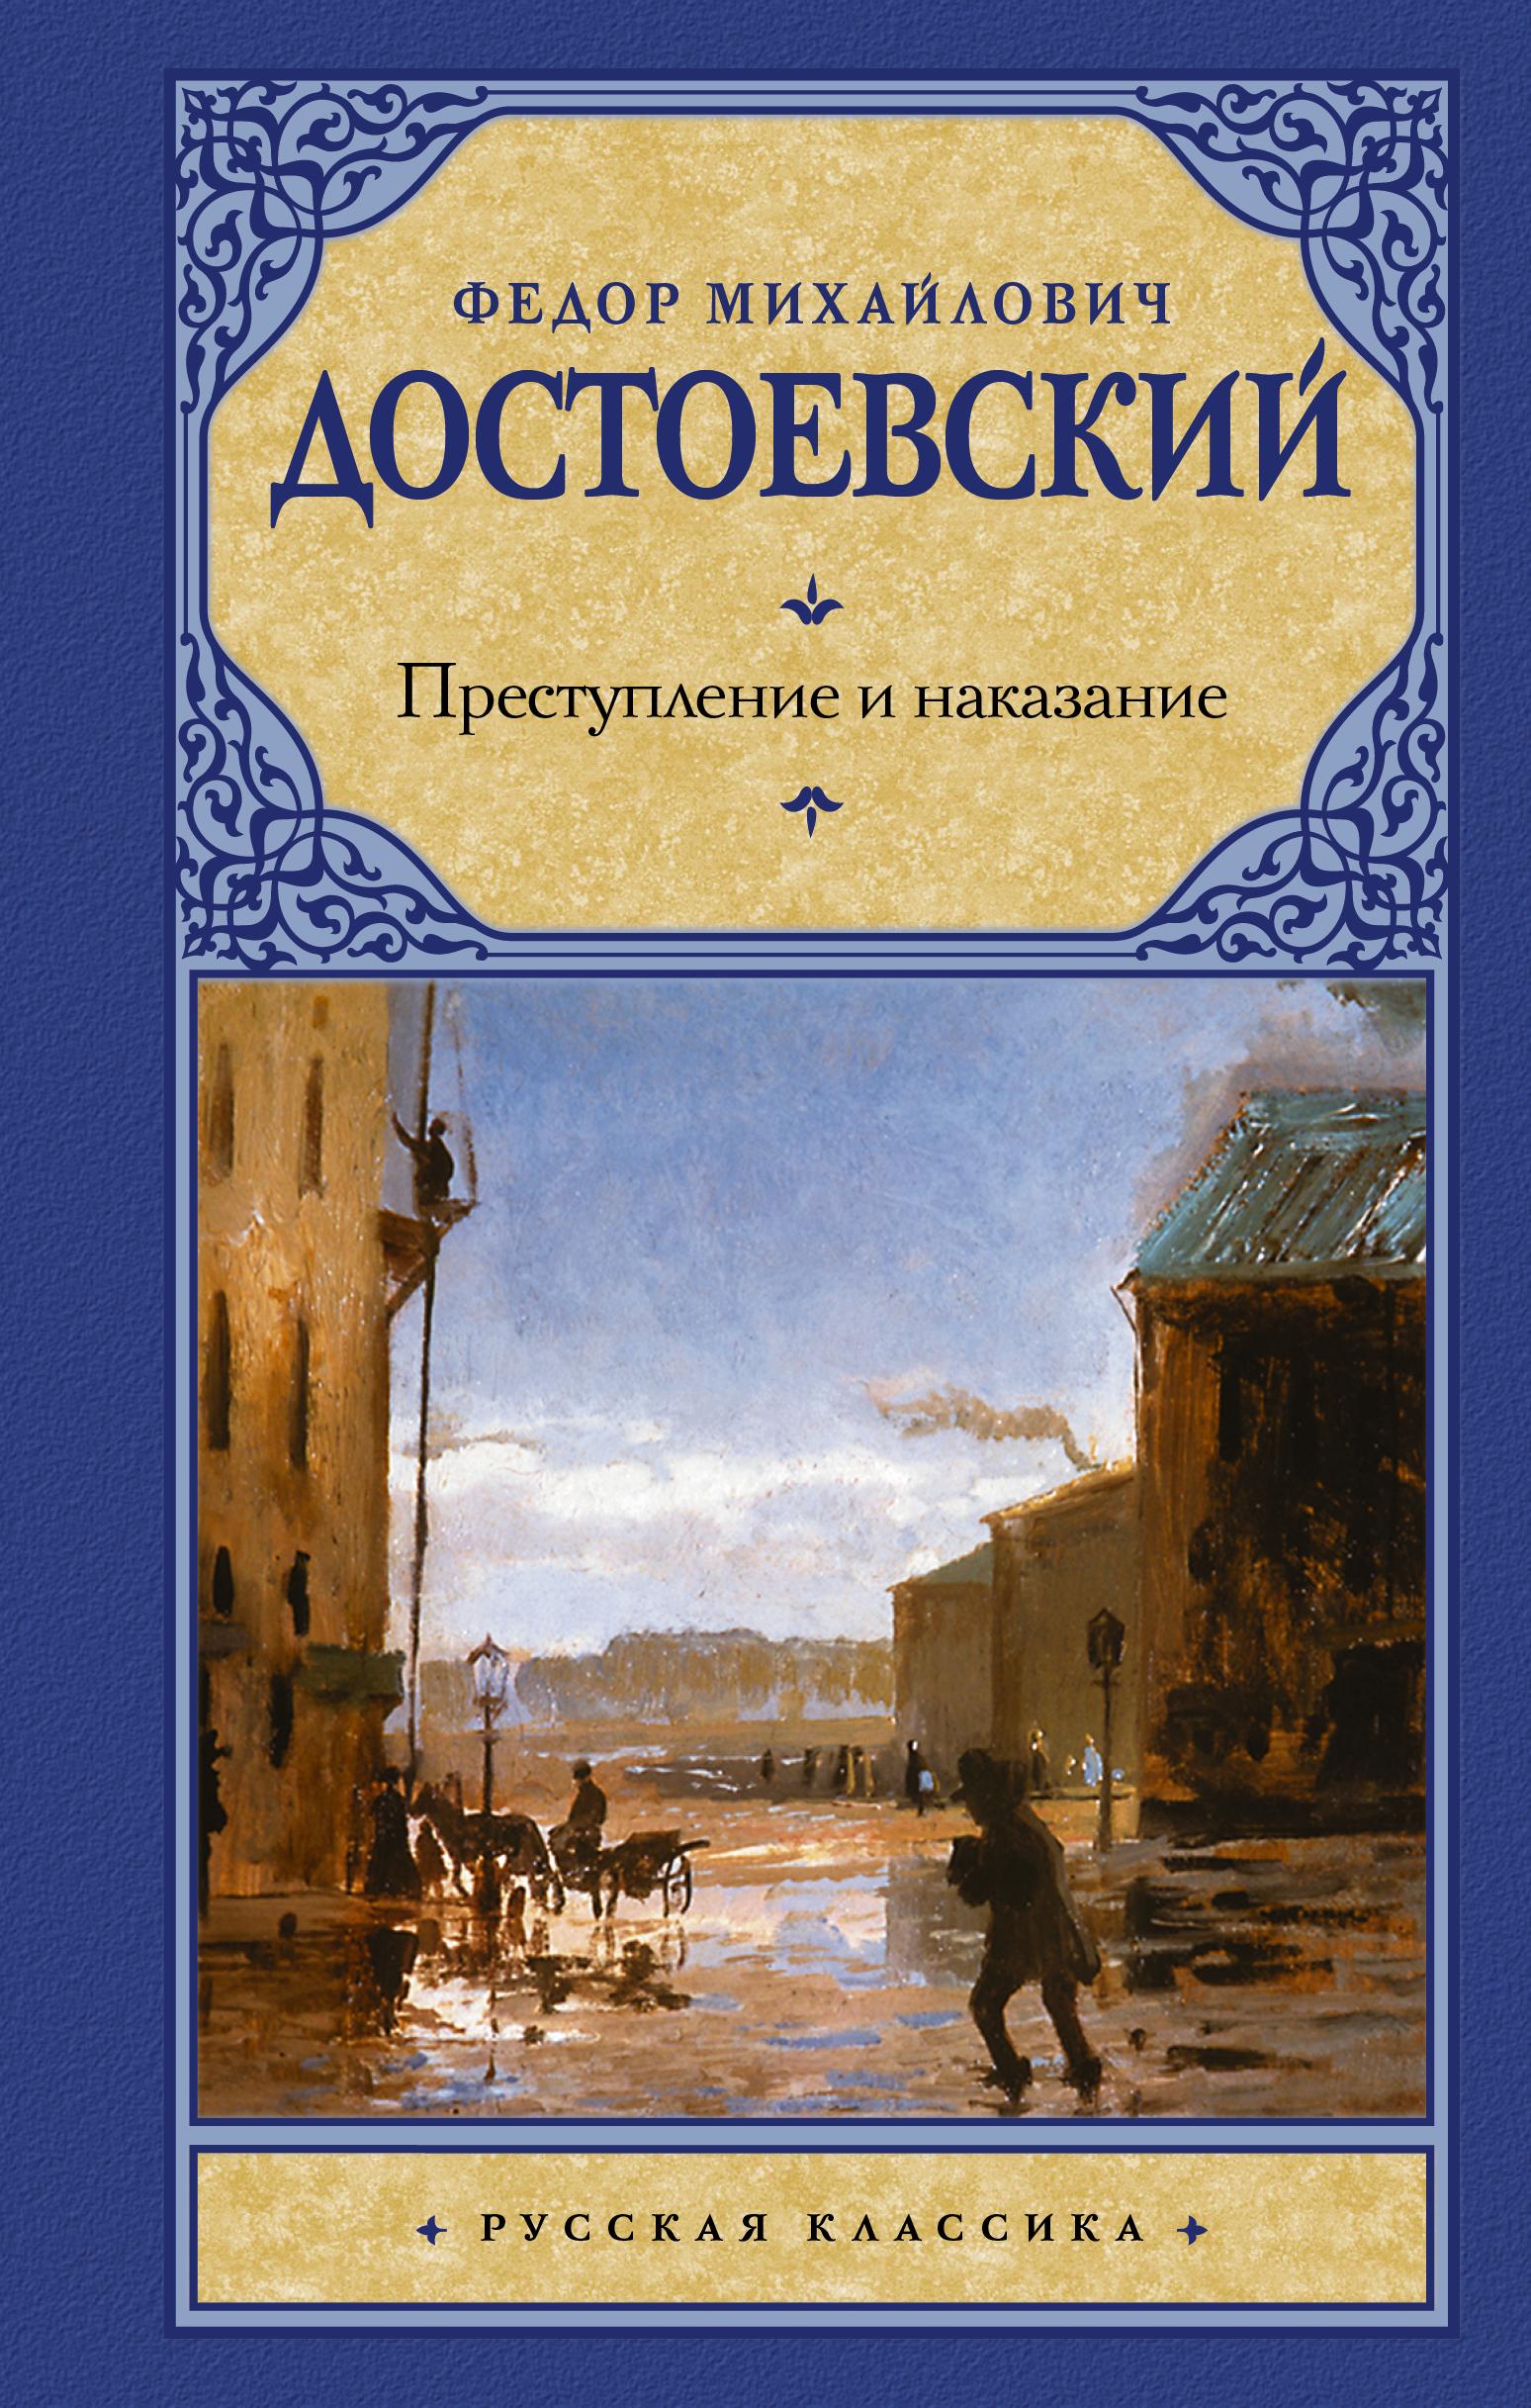 Романы достоевский фм